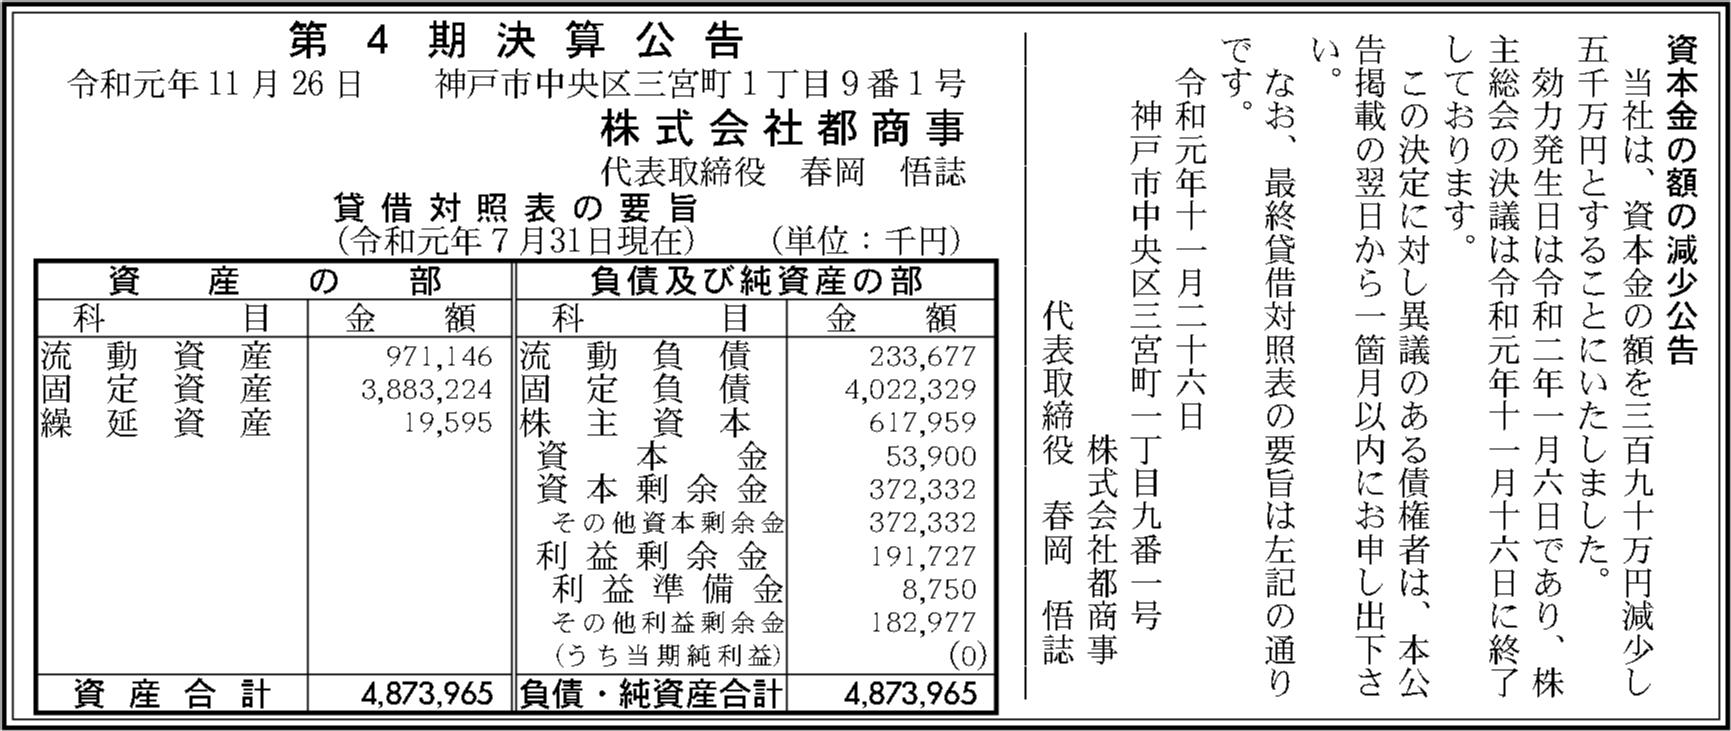 0090 b57a13589cf5923efa4caf5de7f062f70818773659f45c4f2ec1b88adfb4e8644facbd203d279bf05a1b78eba9783b9c5888179ac58ceb751073f4684da02821 04